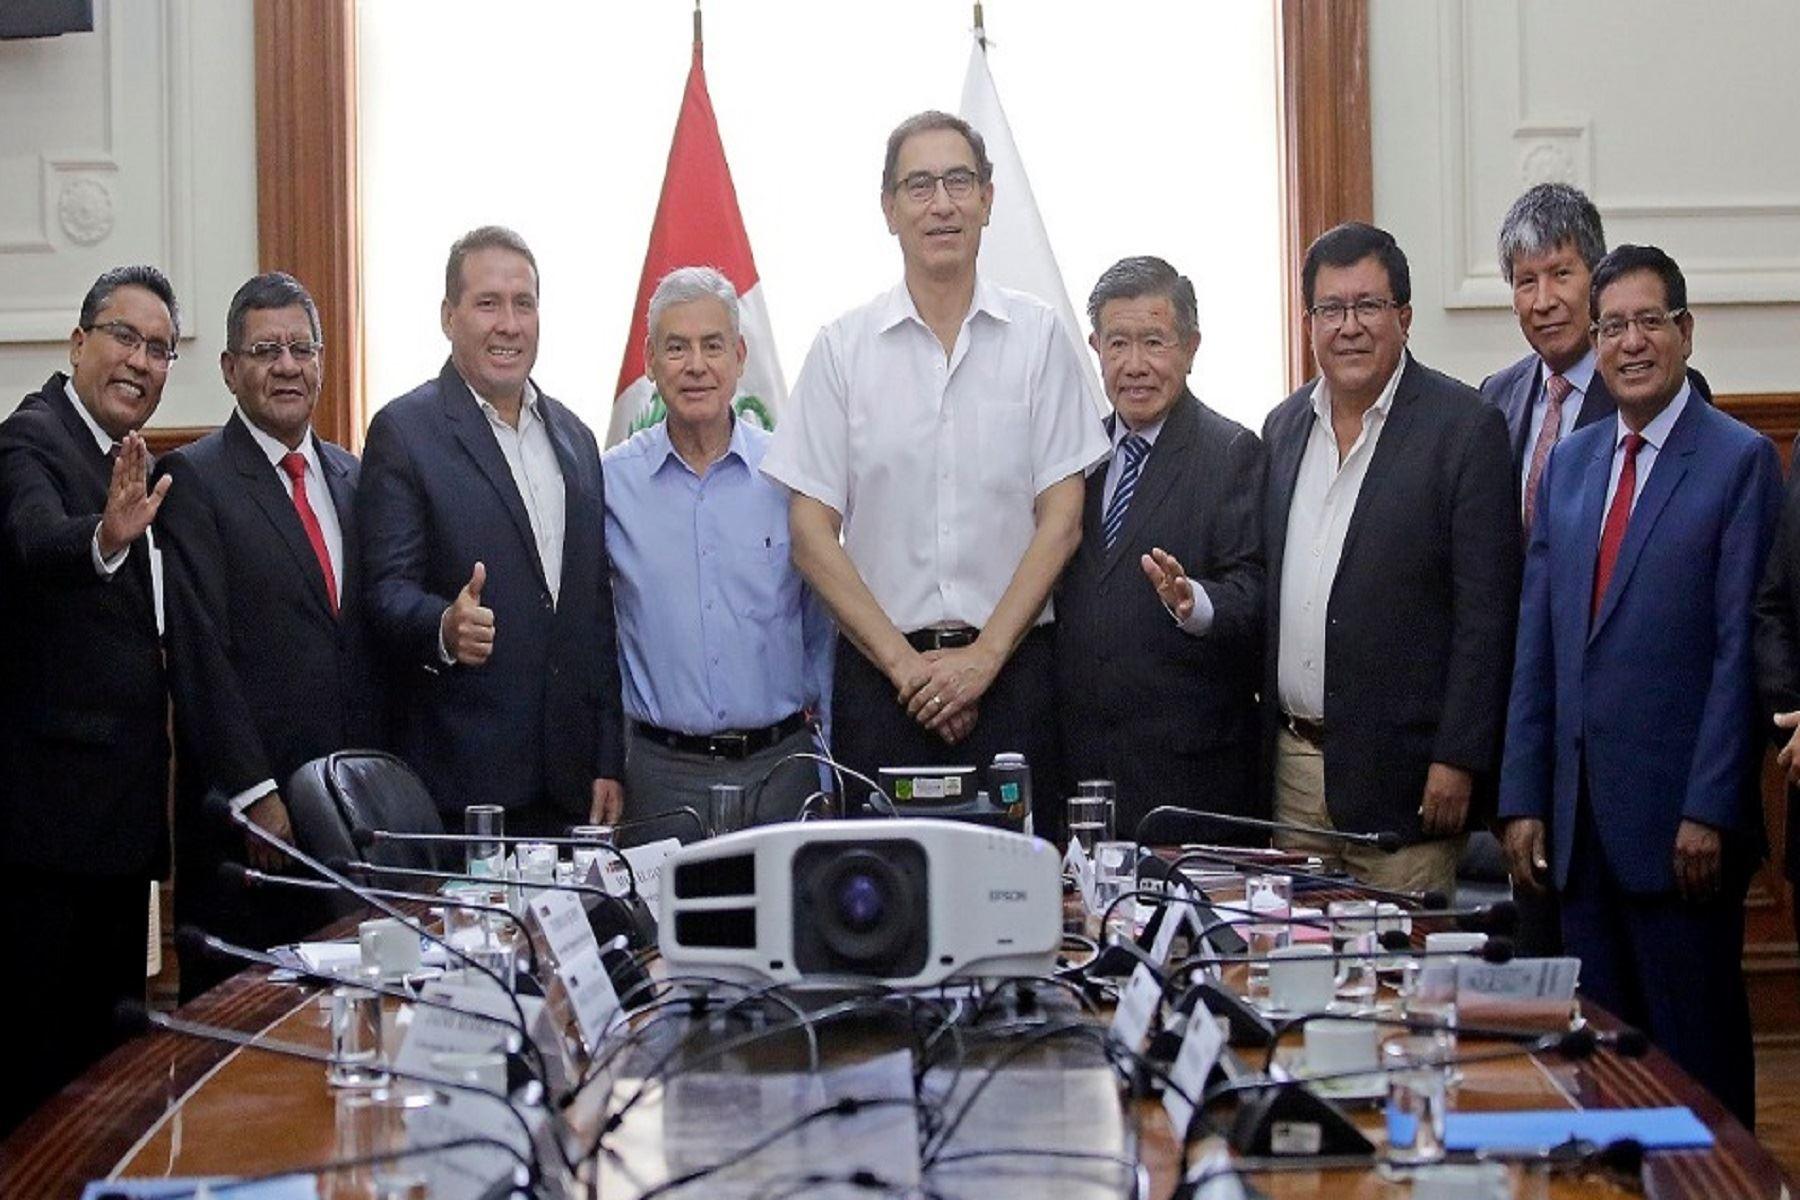 Presidente Martín Vizcarra y jefe del Gabinete Ministerial, César Villanueva, se reunieron con gobernadores regionales en Palacio de Gobierno.